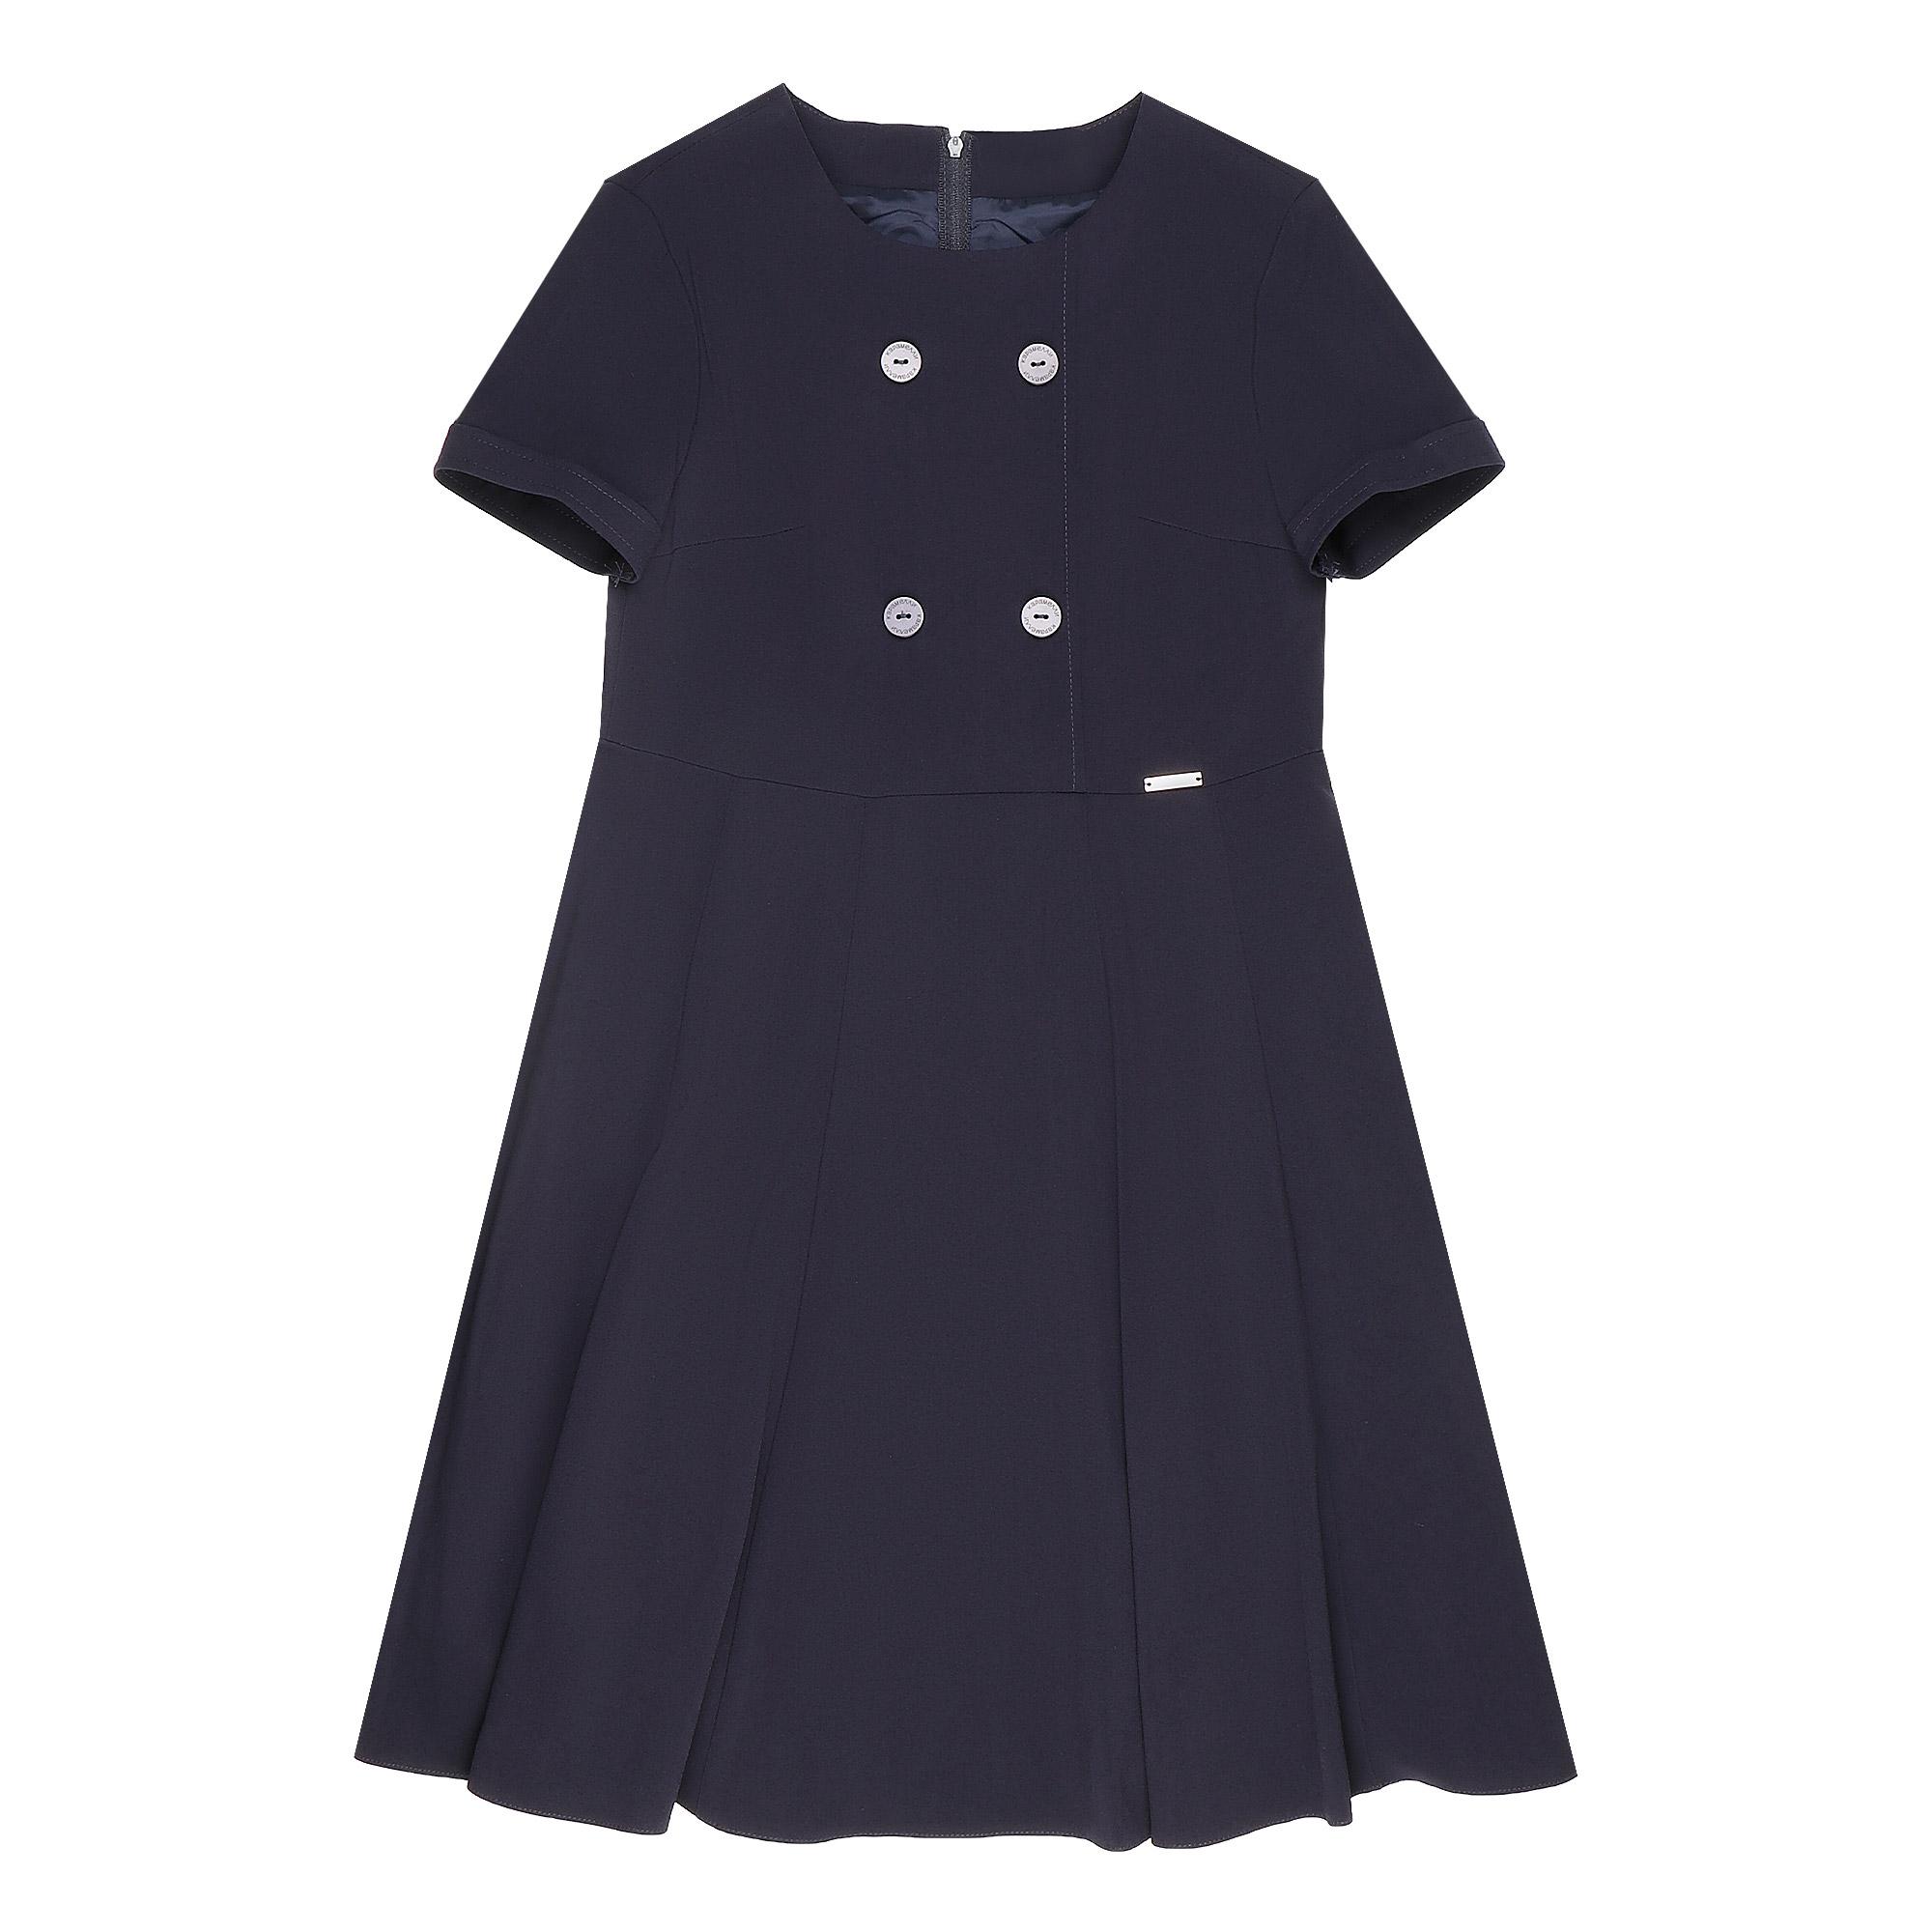 Купить Платье школьное КАРАМЕЛЛИ О74706 синее 152, Синий, Для девочек, Всесезонный,